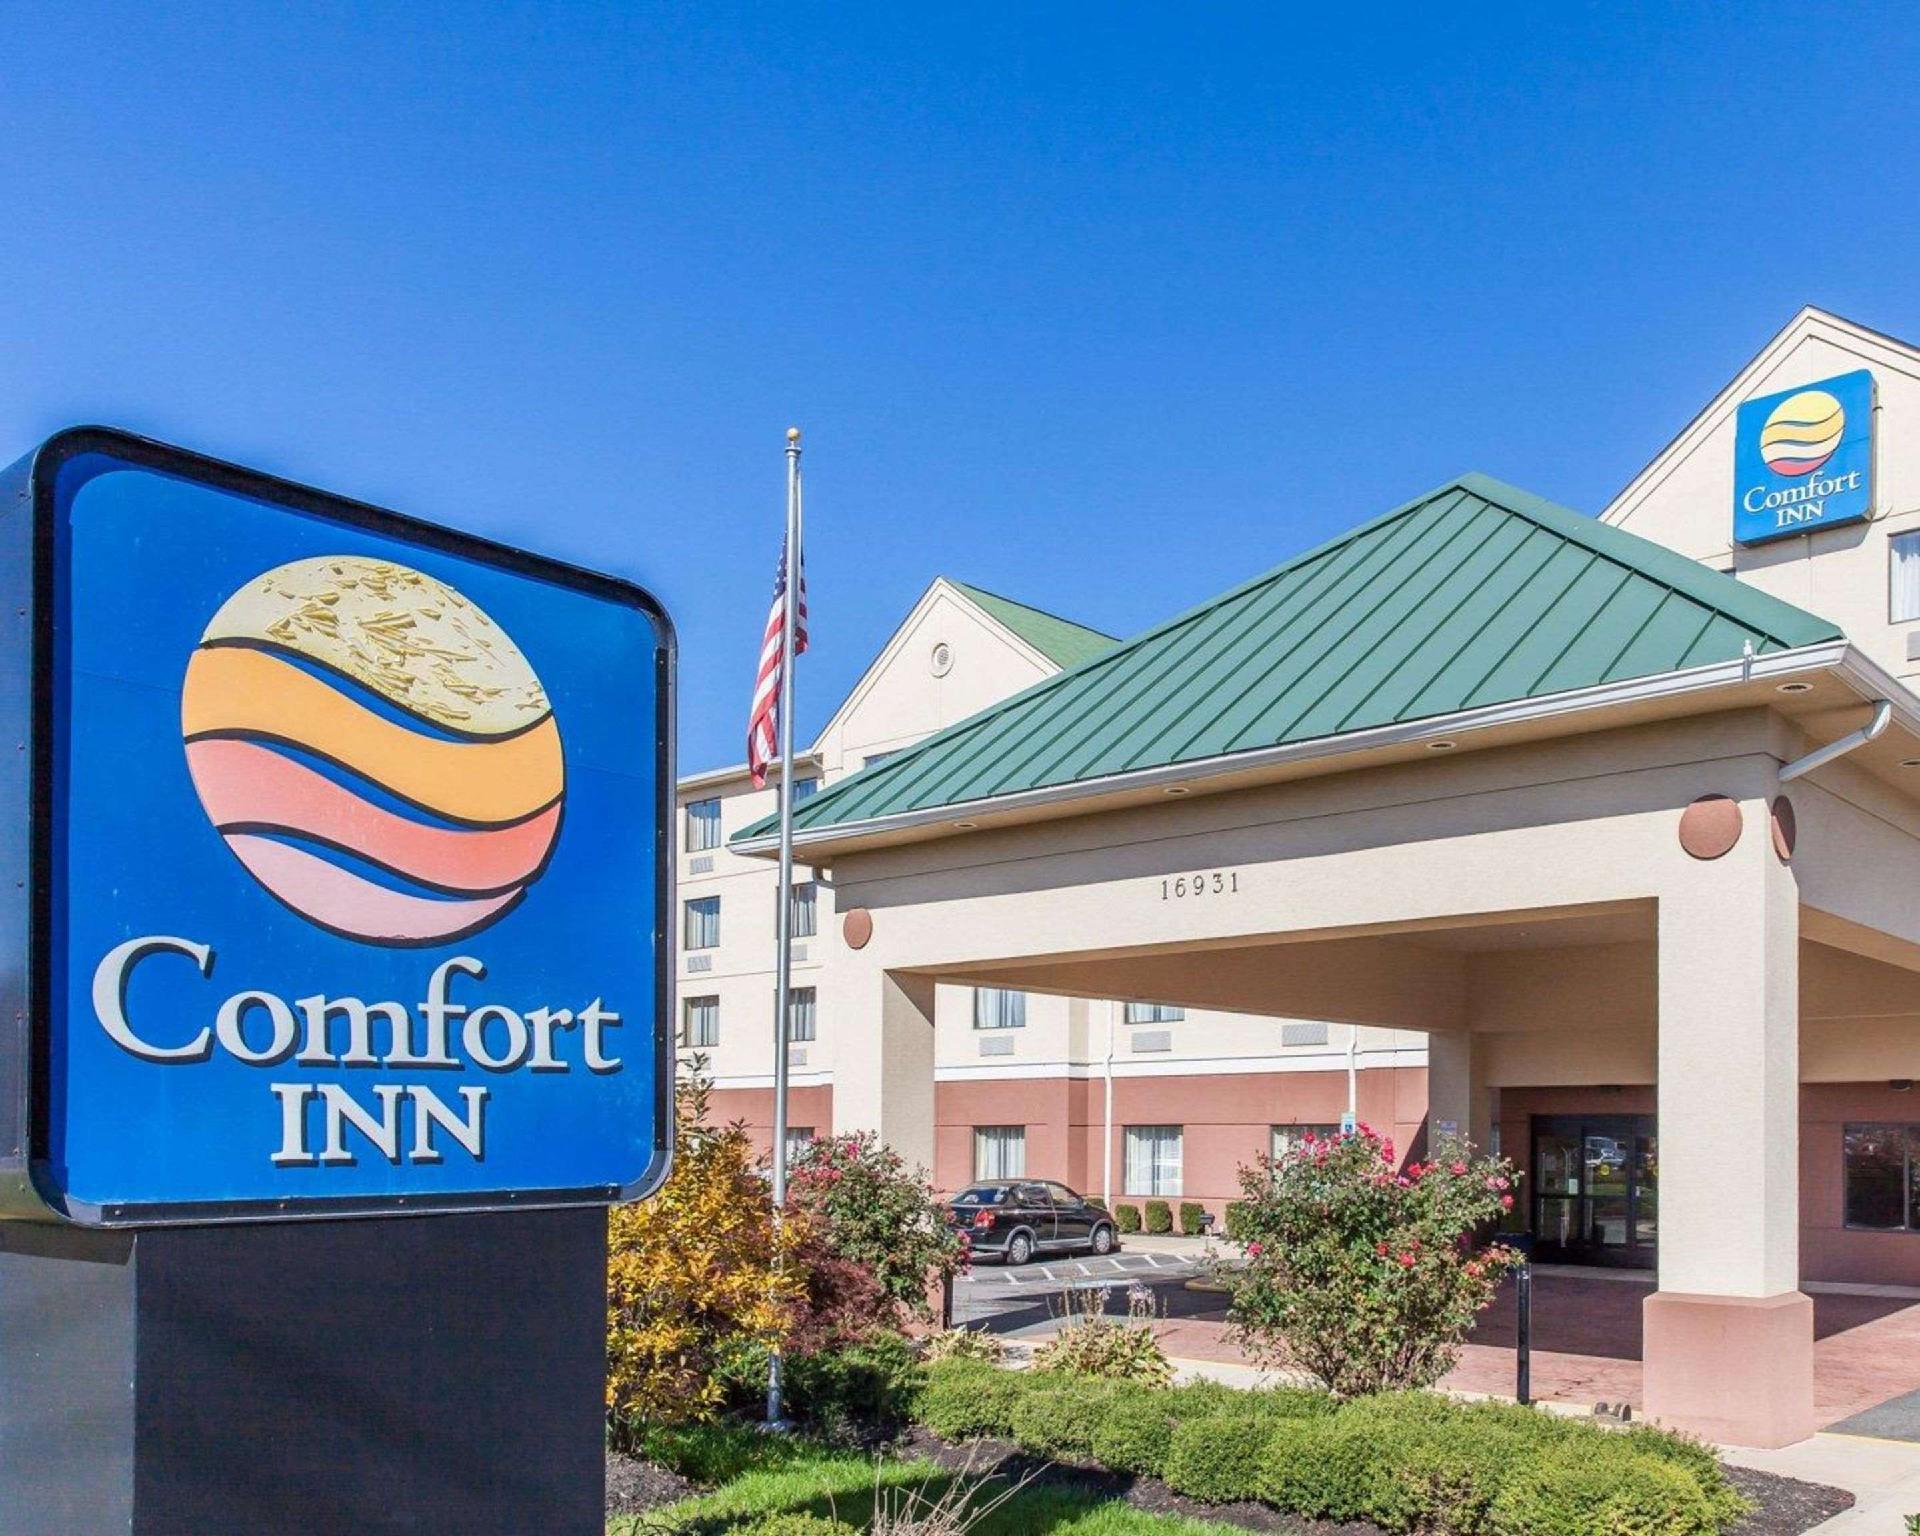 Comfort Inn Near Quantico Main Gate North Dumfries